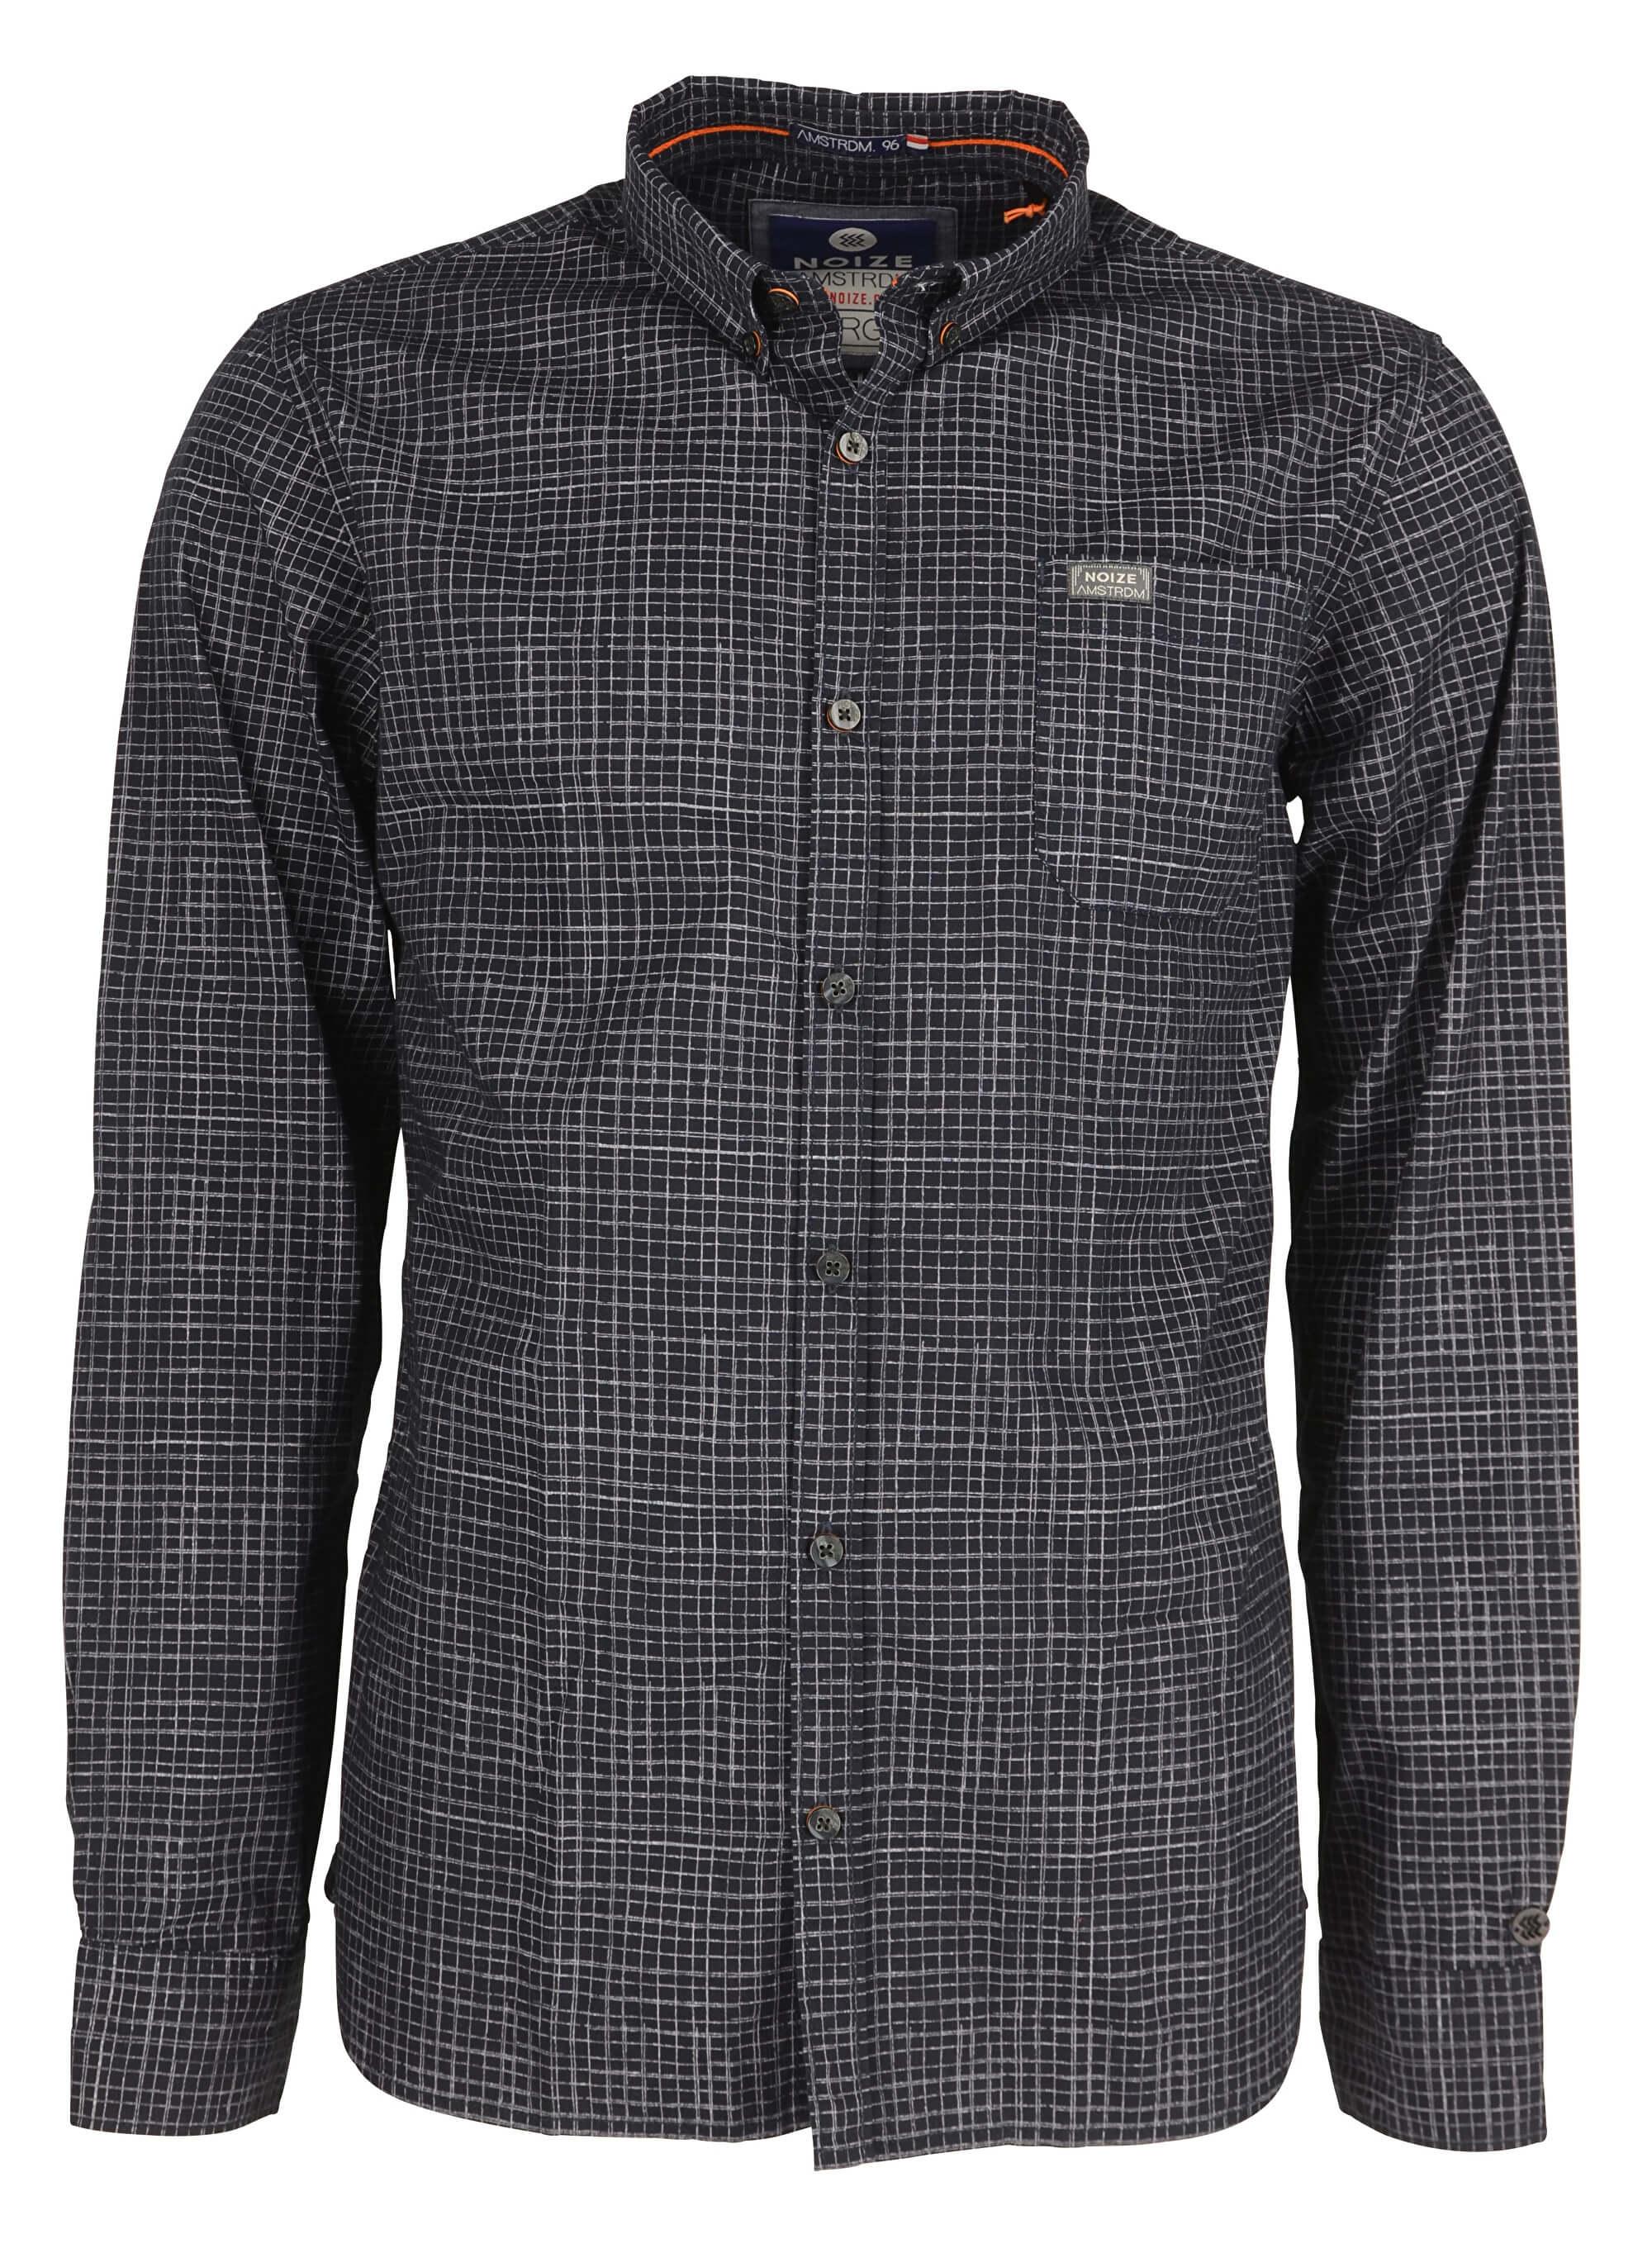 af1f5c713 Noize Pánska košeľa s dlhým rukávom Navy 4546105-00 | Vivantis.sk